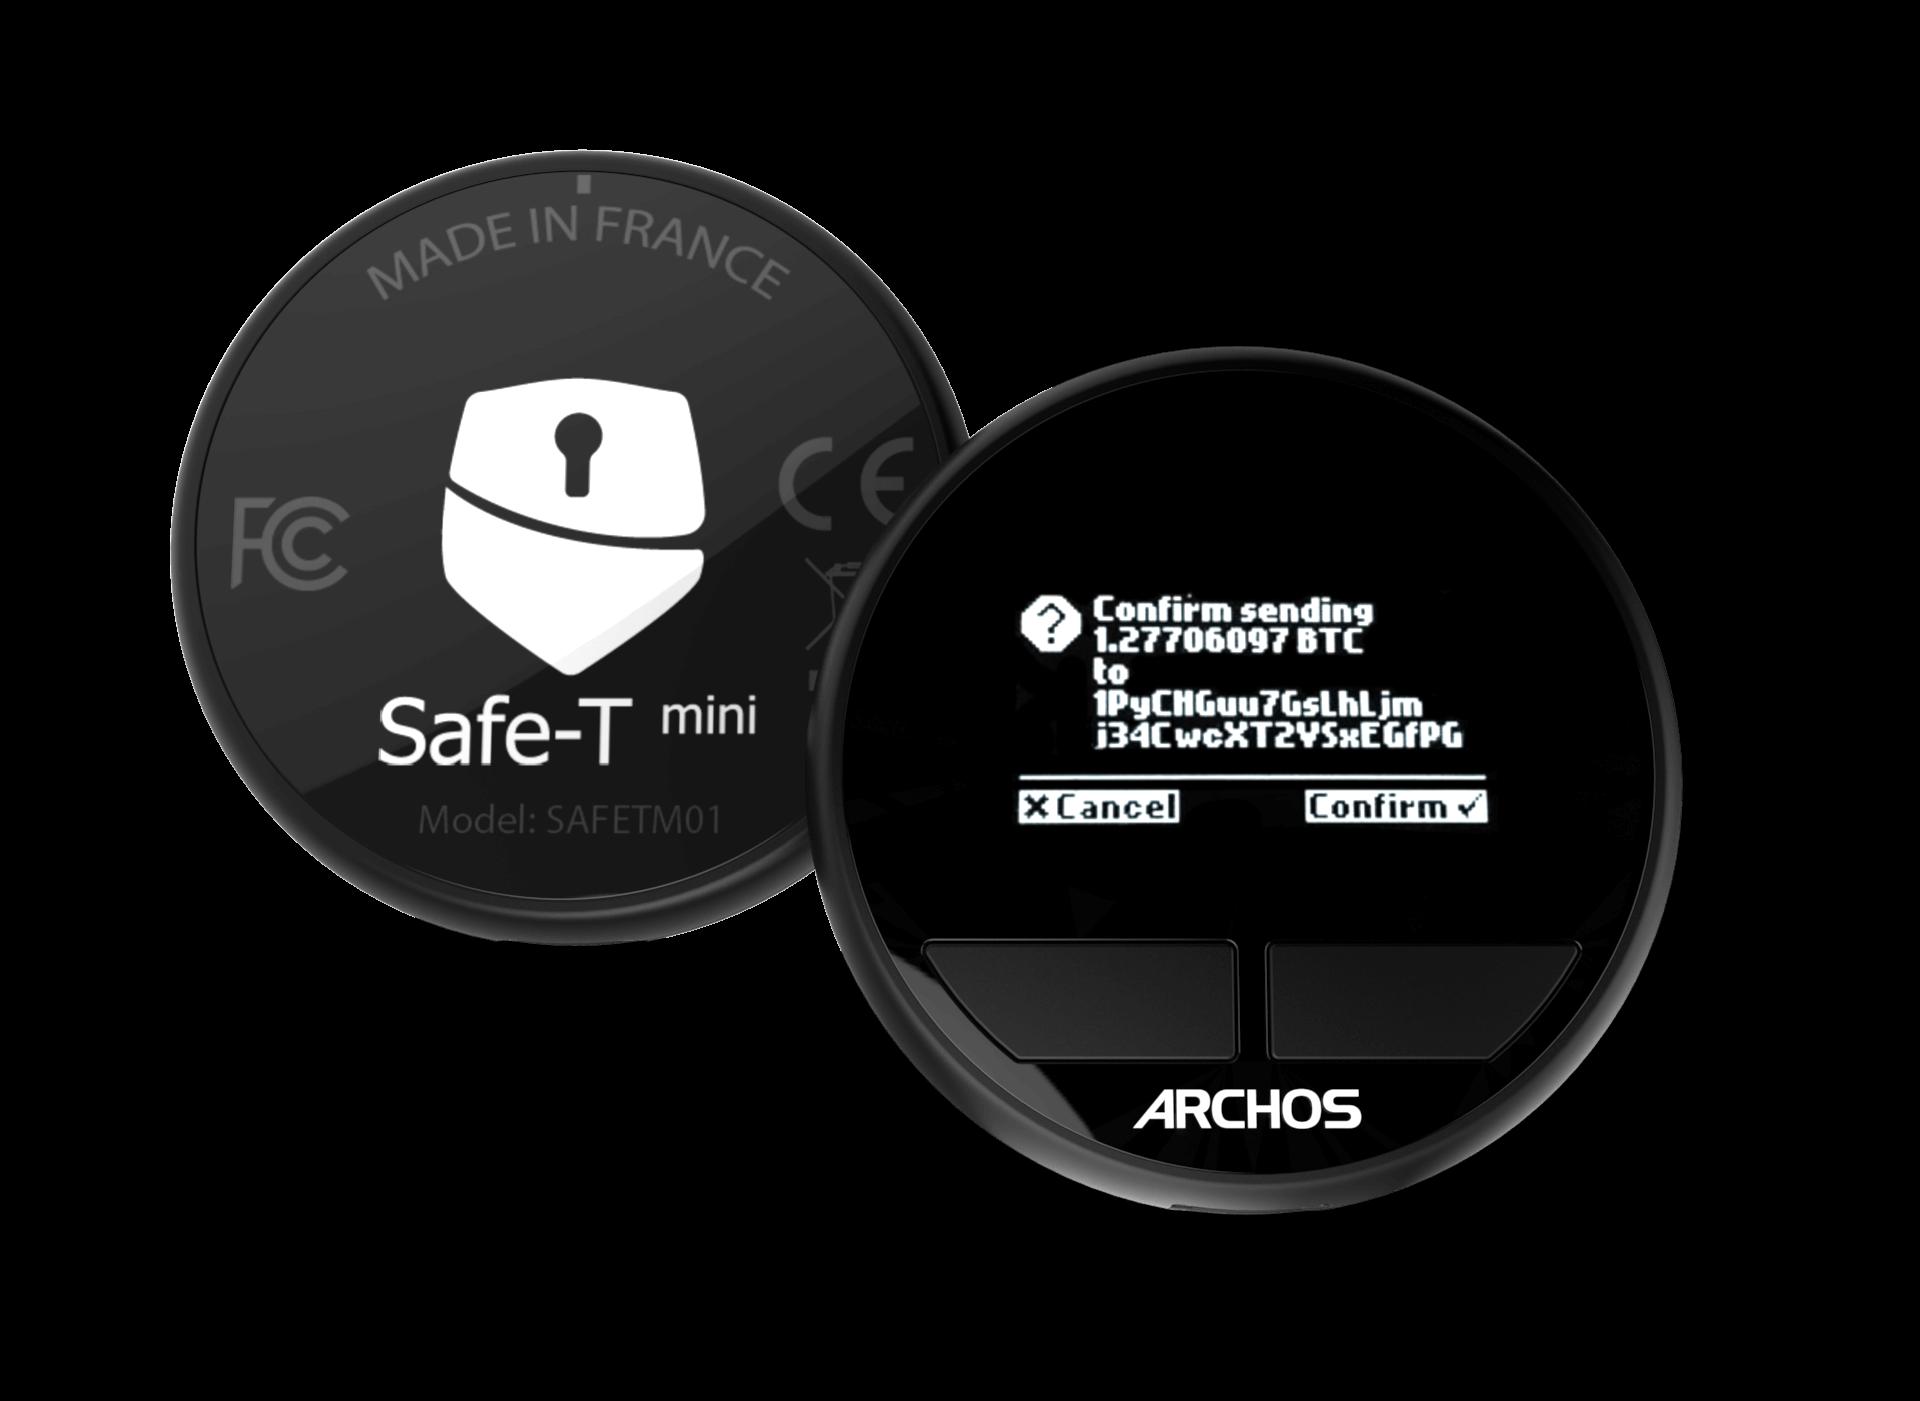 Archos Hardware Wallet